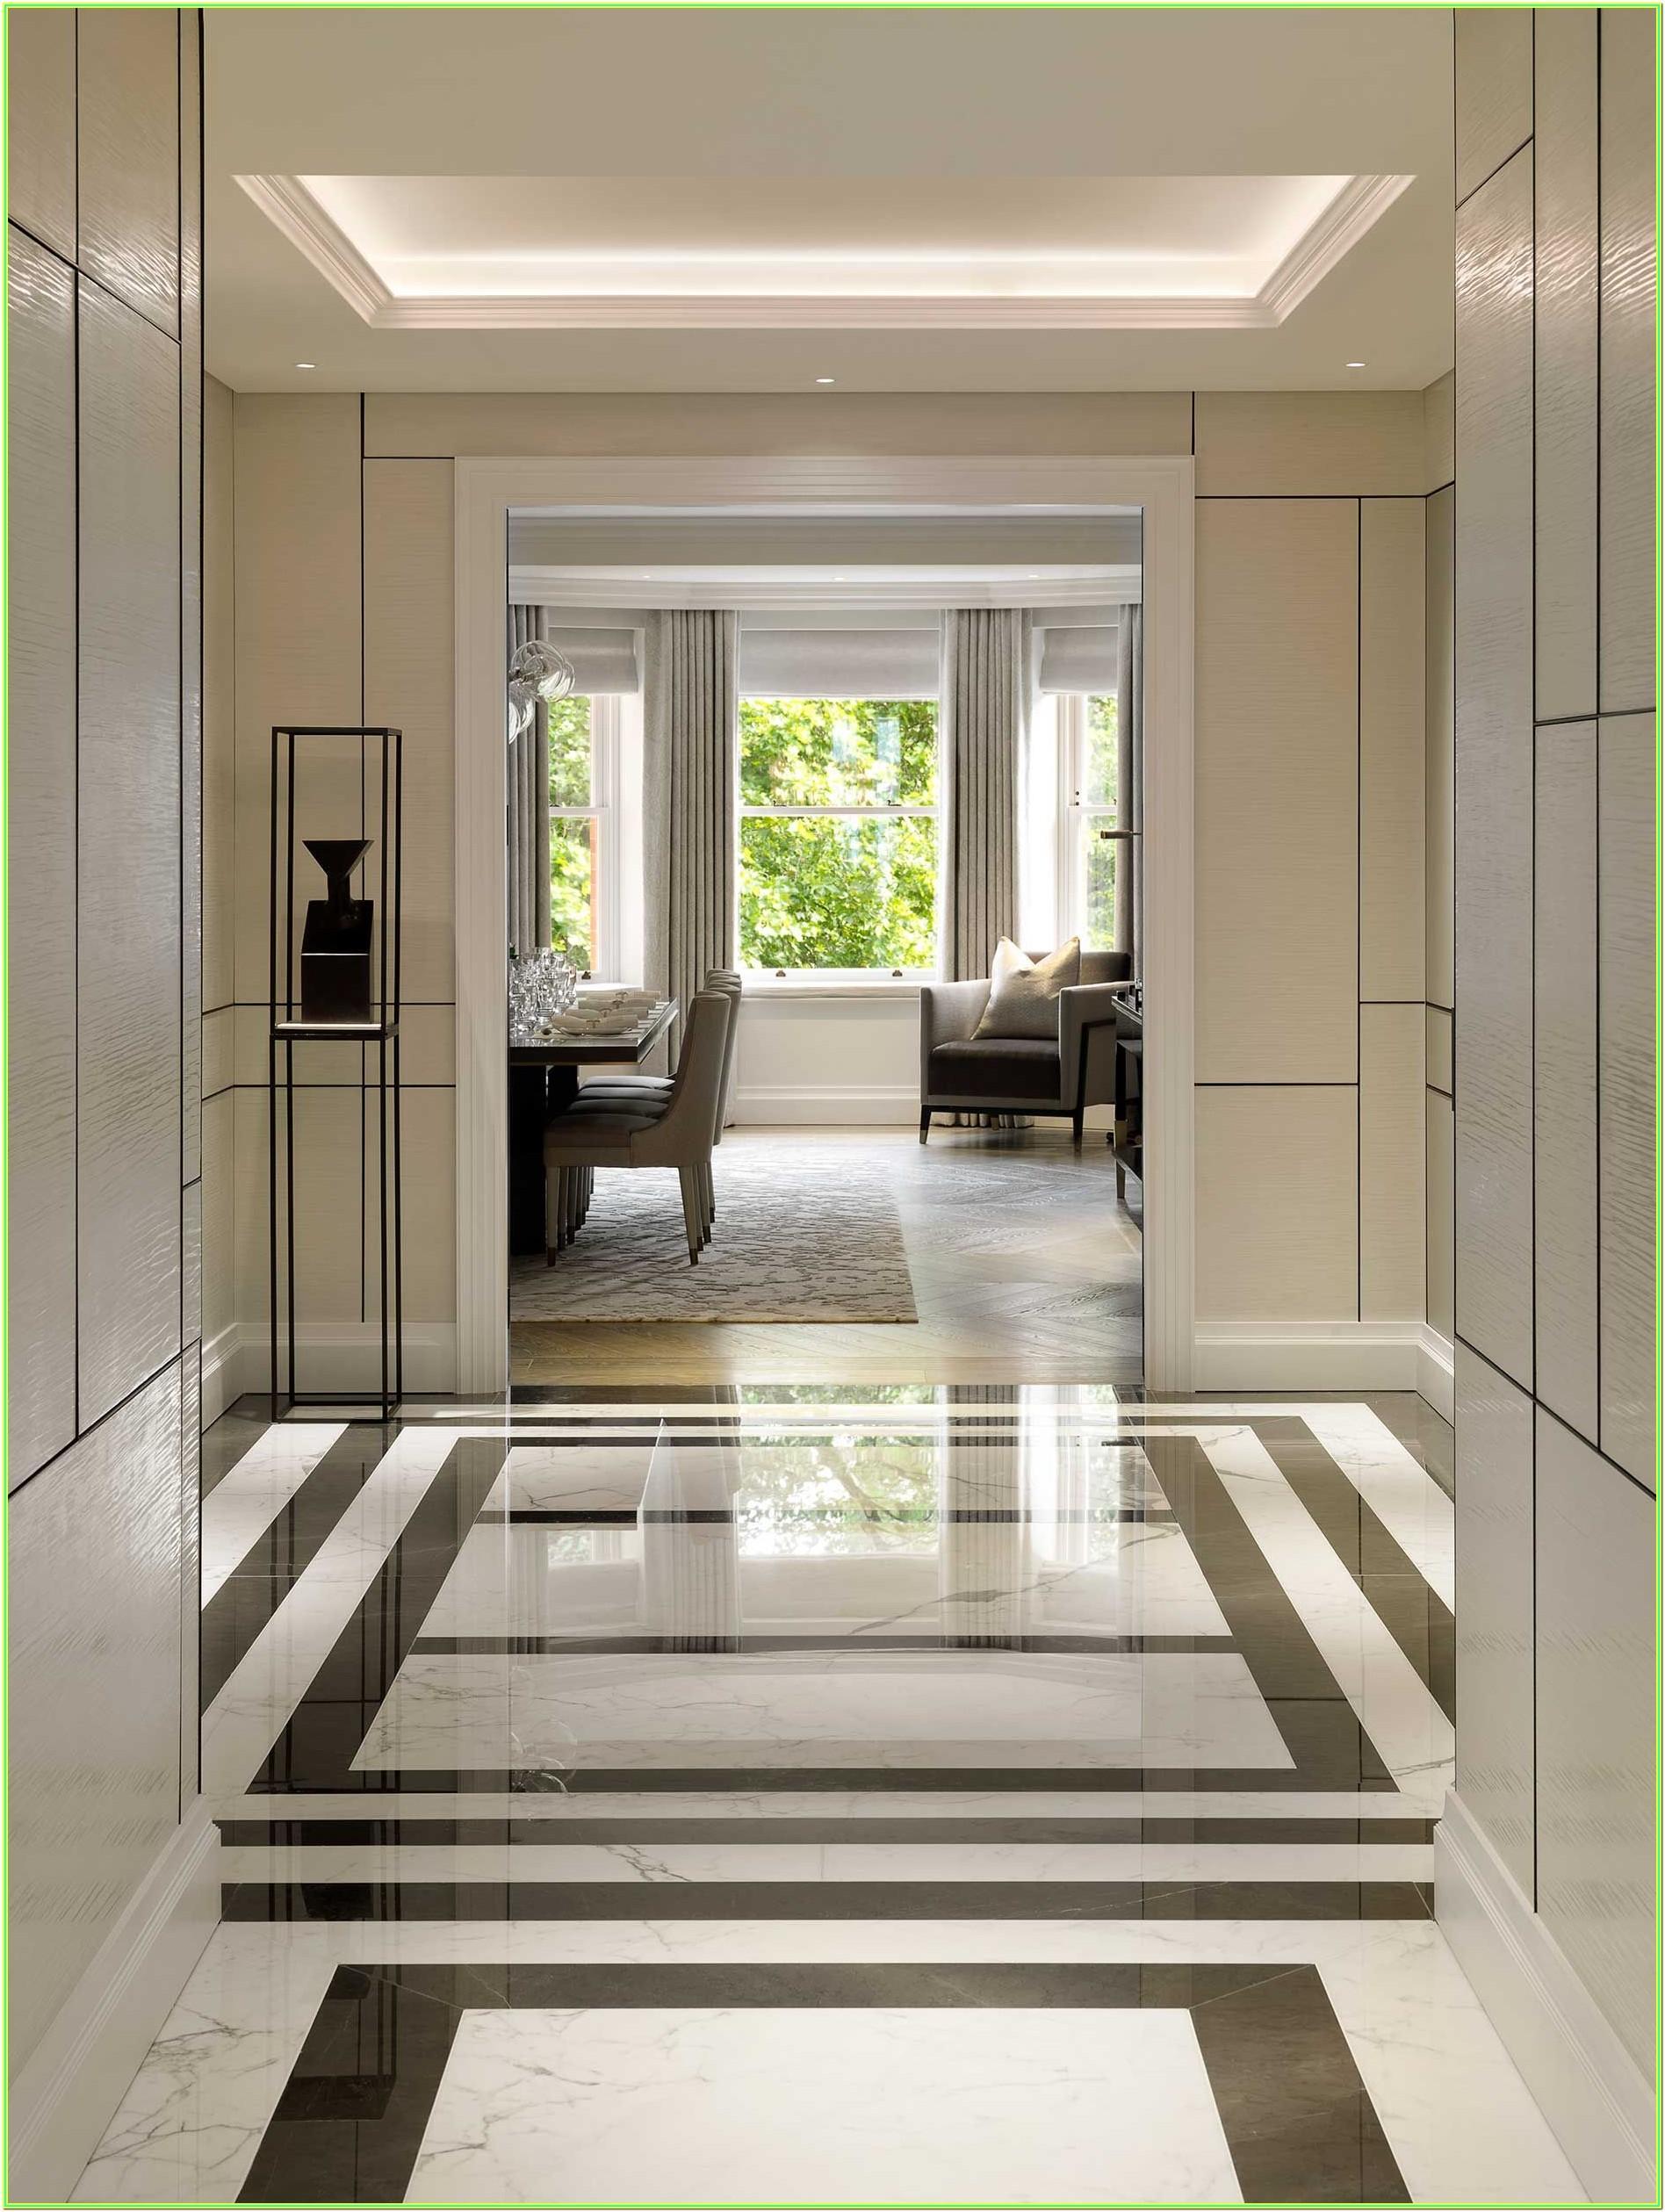 Entrance Living Room Modern Style Floor Tiles